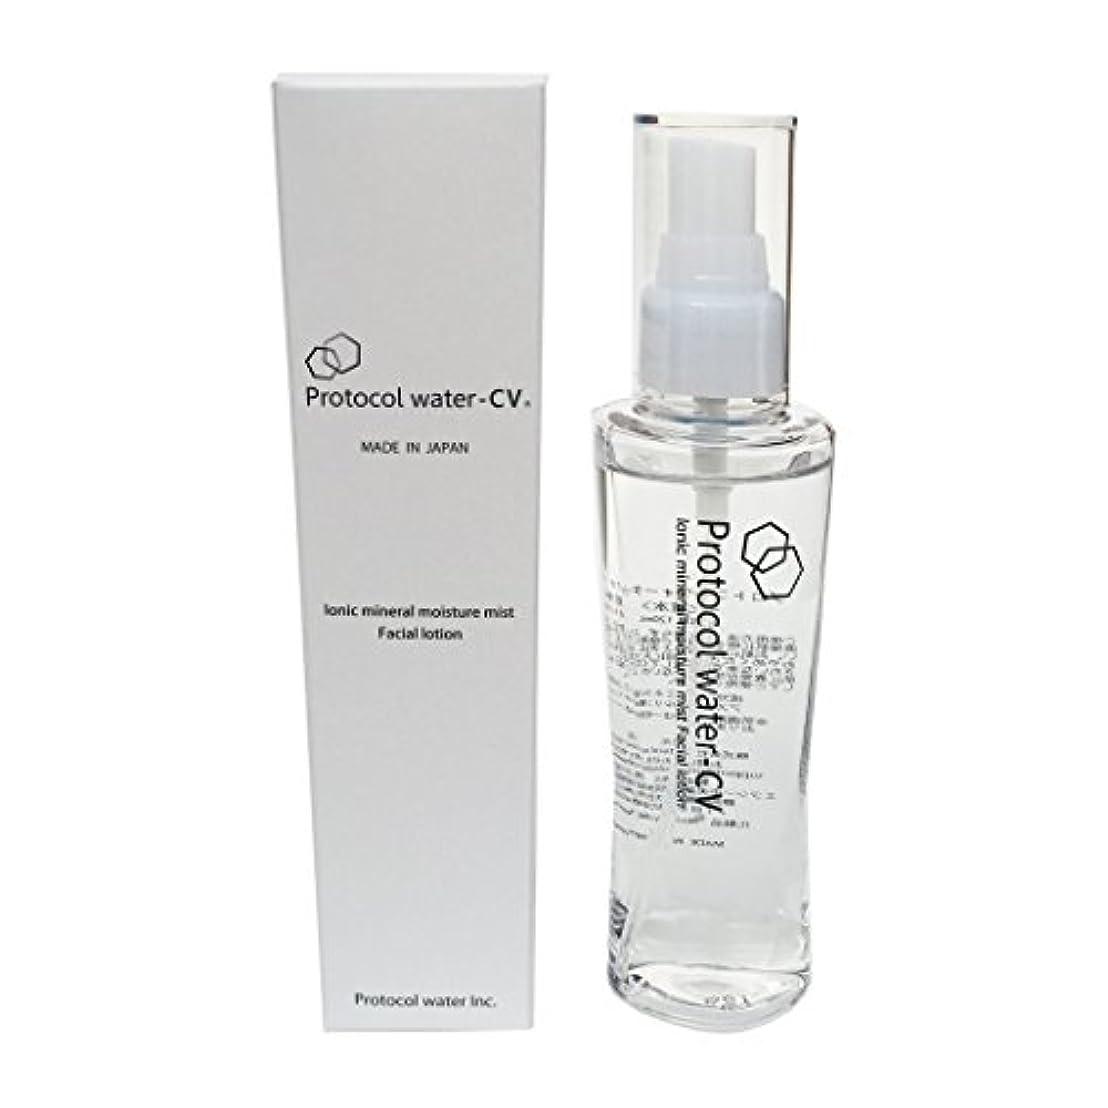 雇用者対維持するProtocol water CV Ionic's mineral moisture mist Facial lotion / プロトコル ウォーター CV